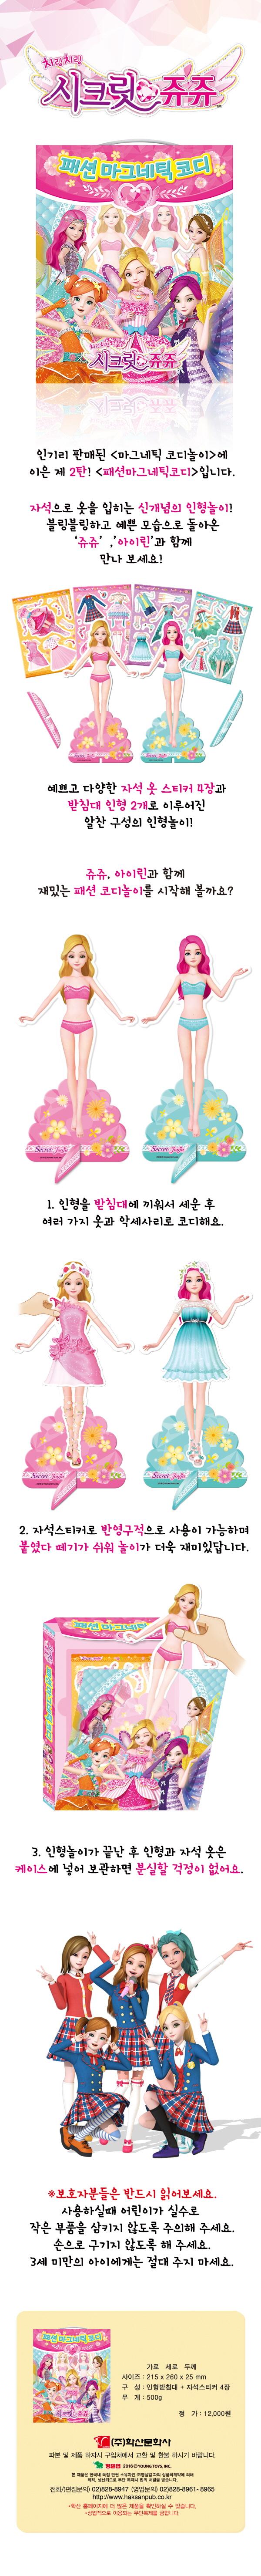 시크릿쥬쥬 패션 마그네틱 코디 도서 상세이미지